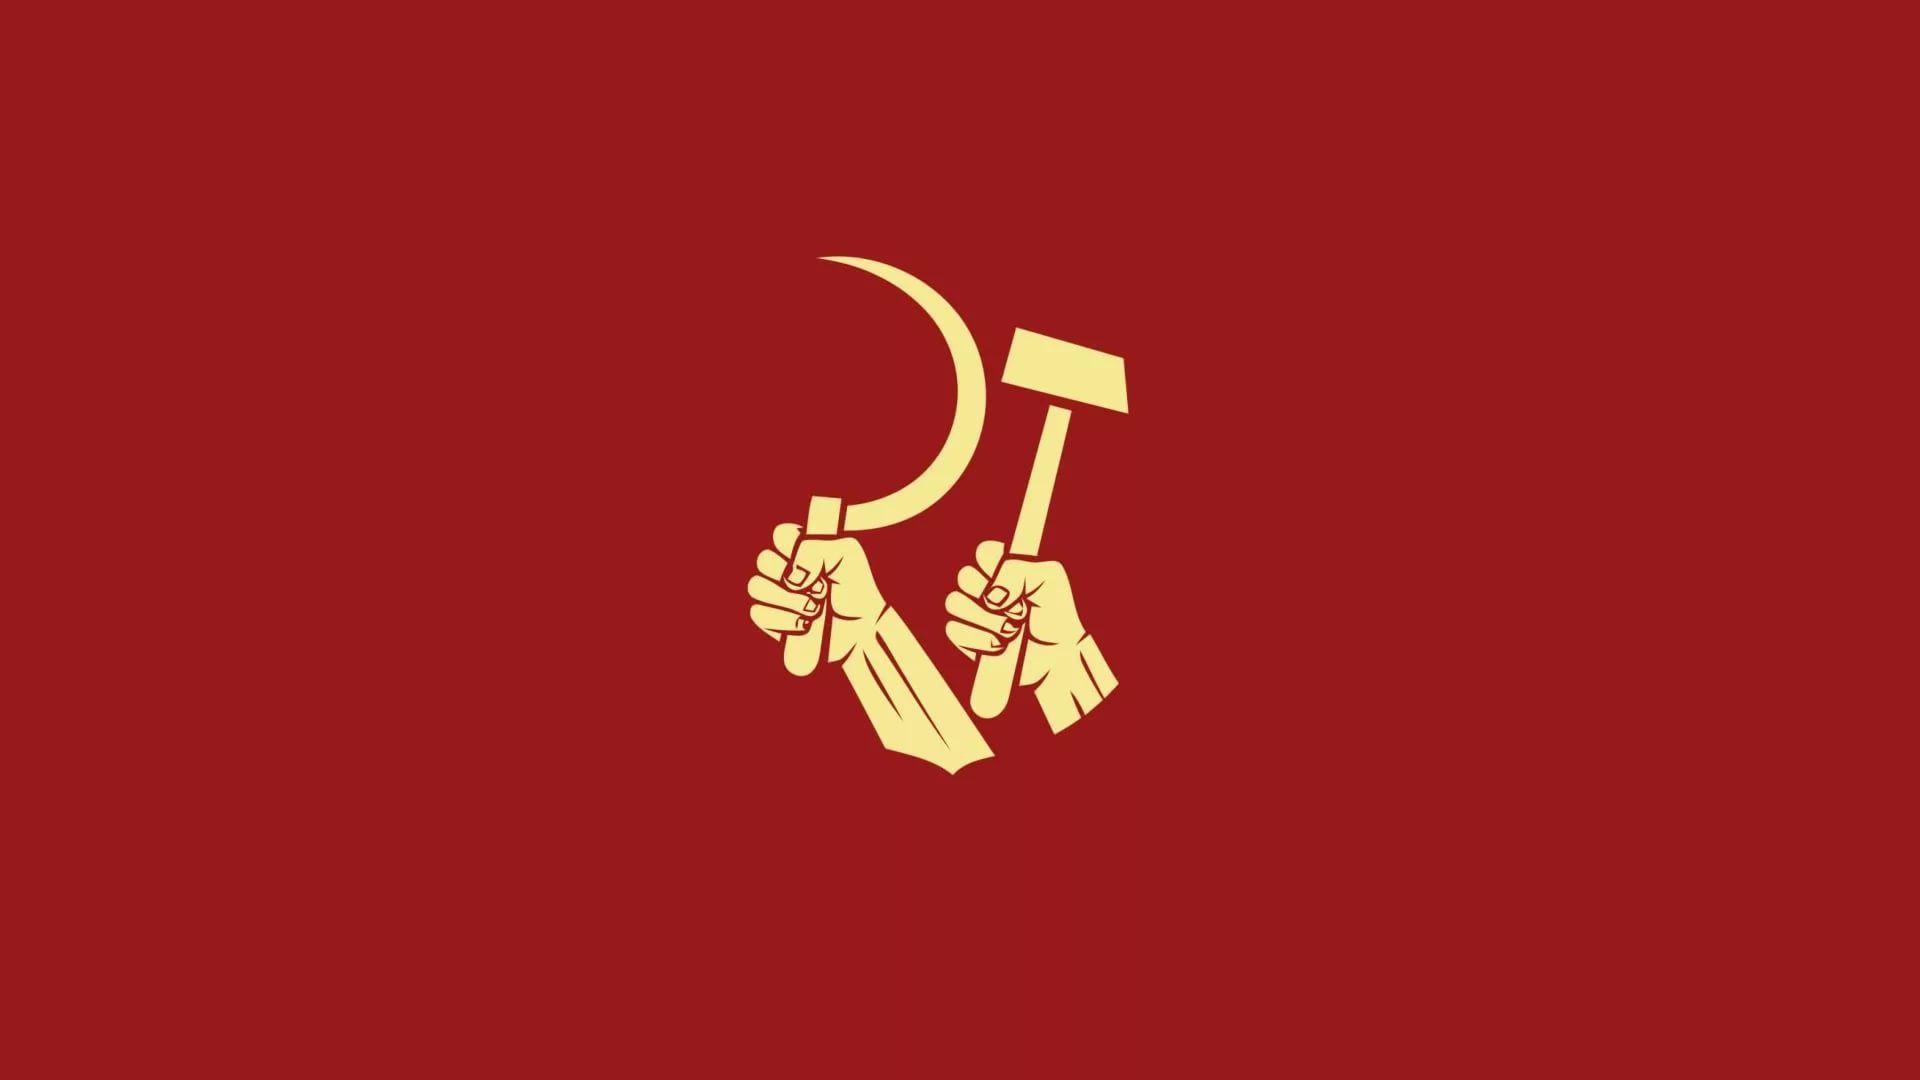 Communism Image